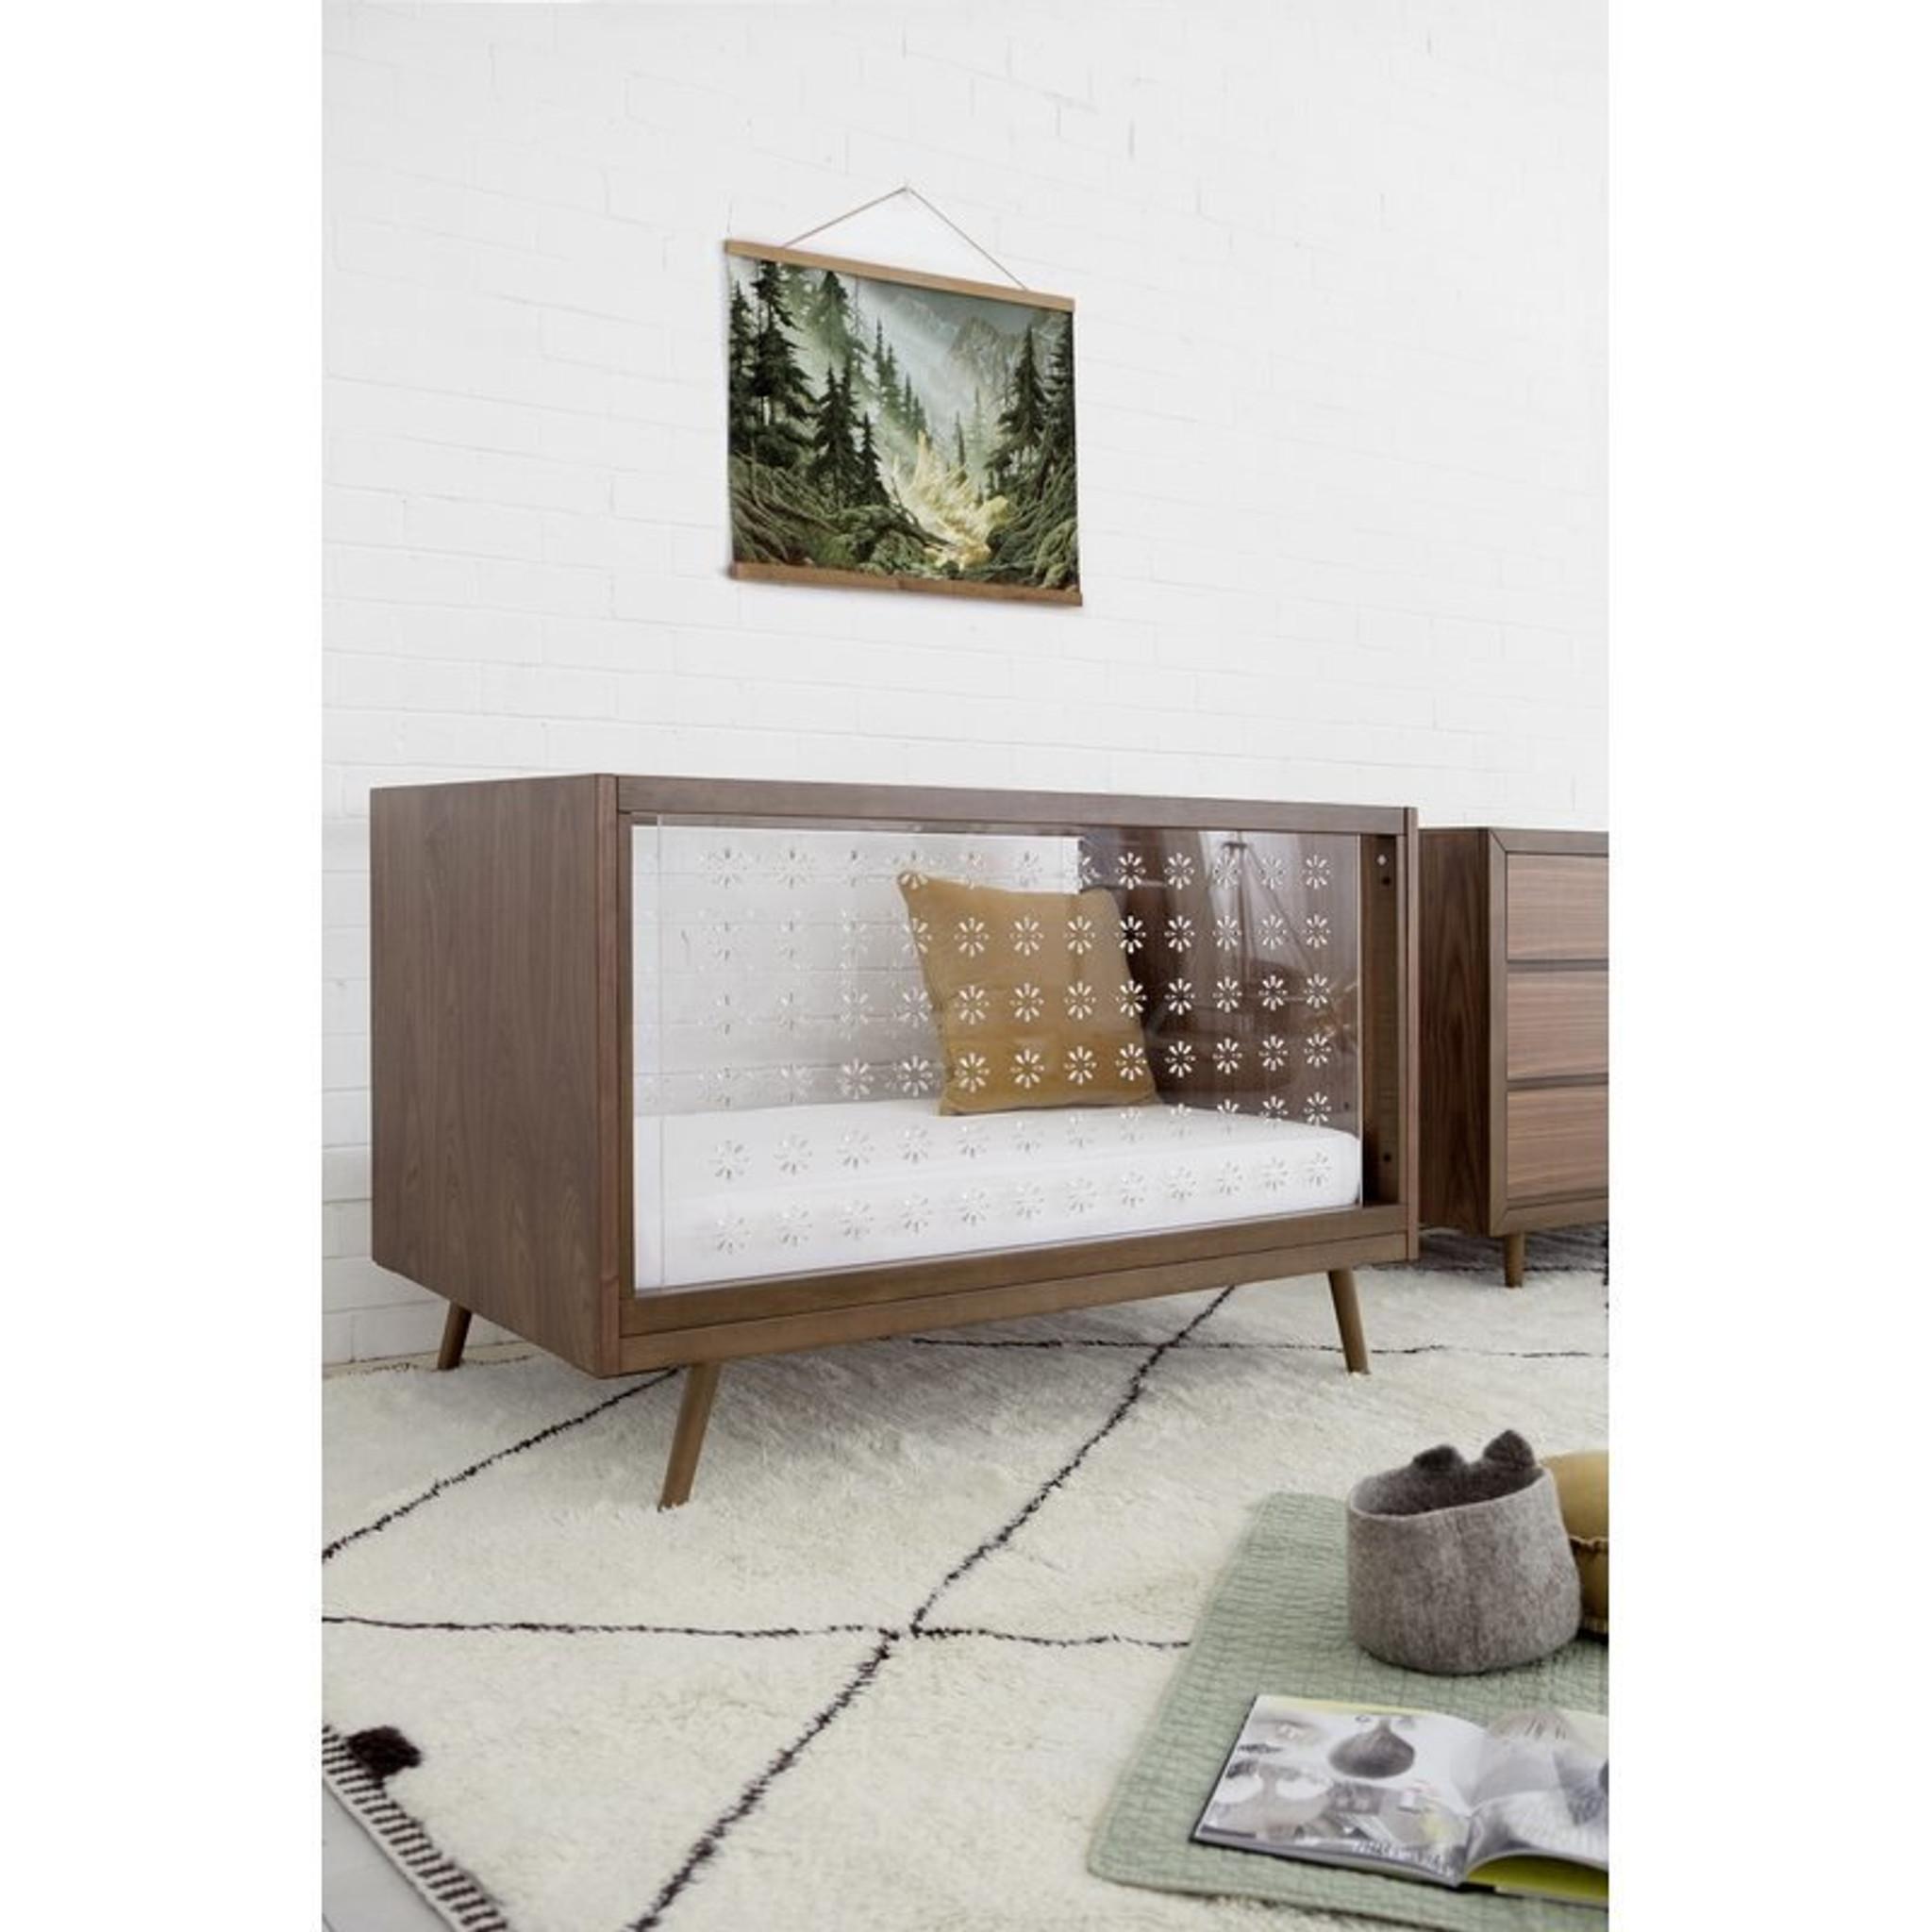 Ubabub Nifty Walnut Acrylic Crib And Mattress Clear Home Design